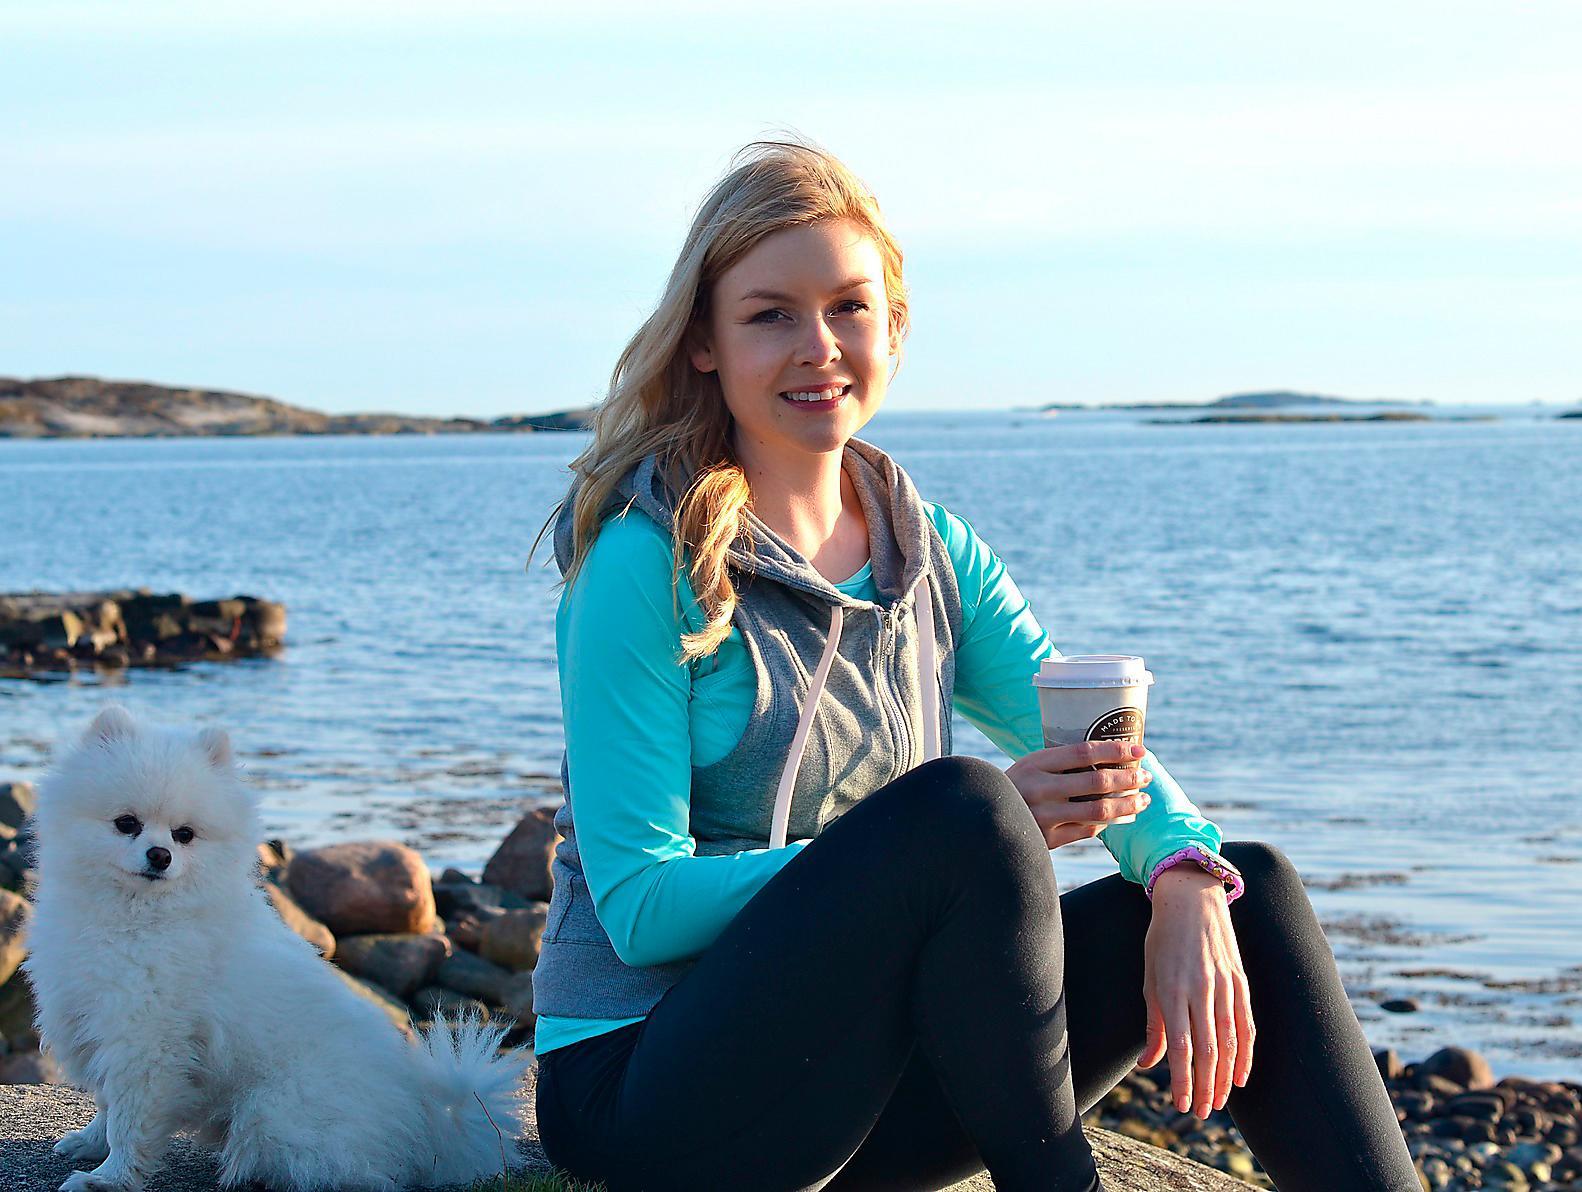 Min bästa stund på dagen – med en kaffe i handen efter en löprunda med hunden på klipporna.